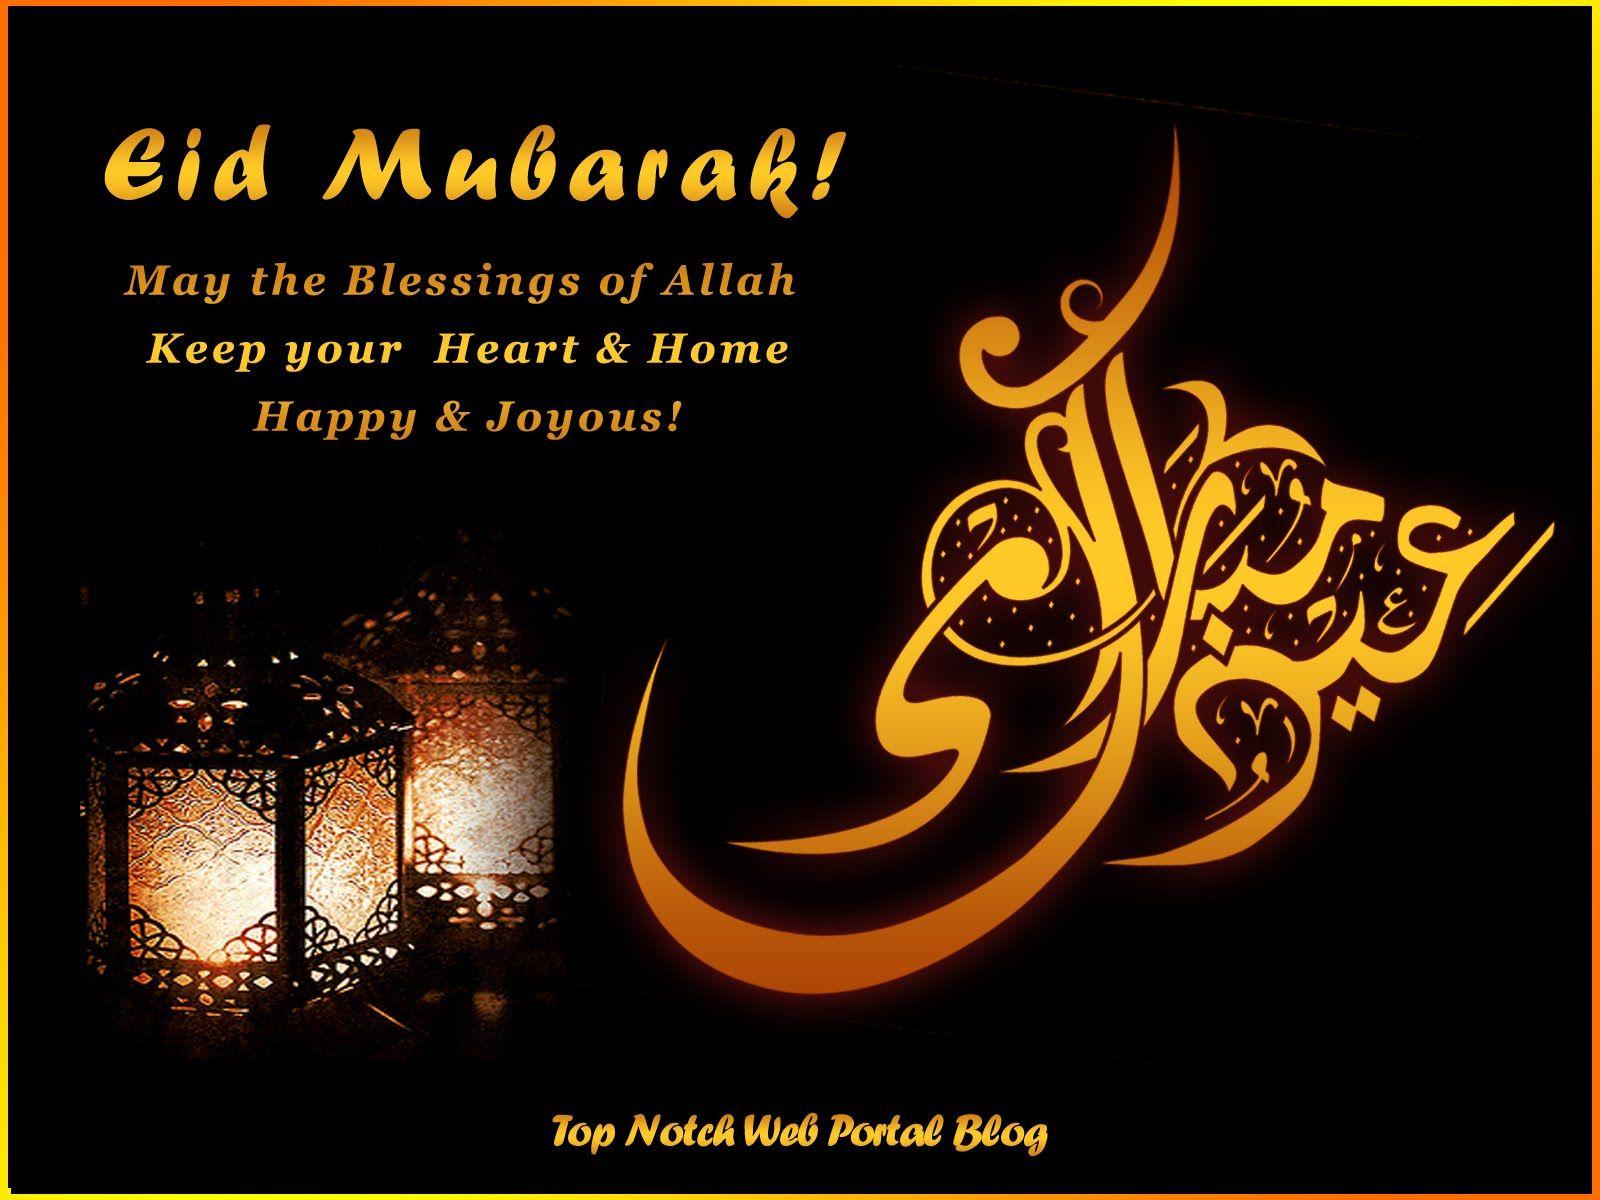 Wallpaper download eid - Eid Eid Mubarak Wallpaper Free Download Wonderful Eid Backgrounds Eid